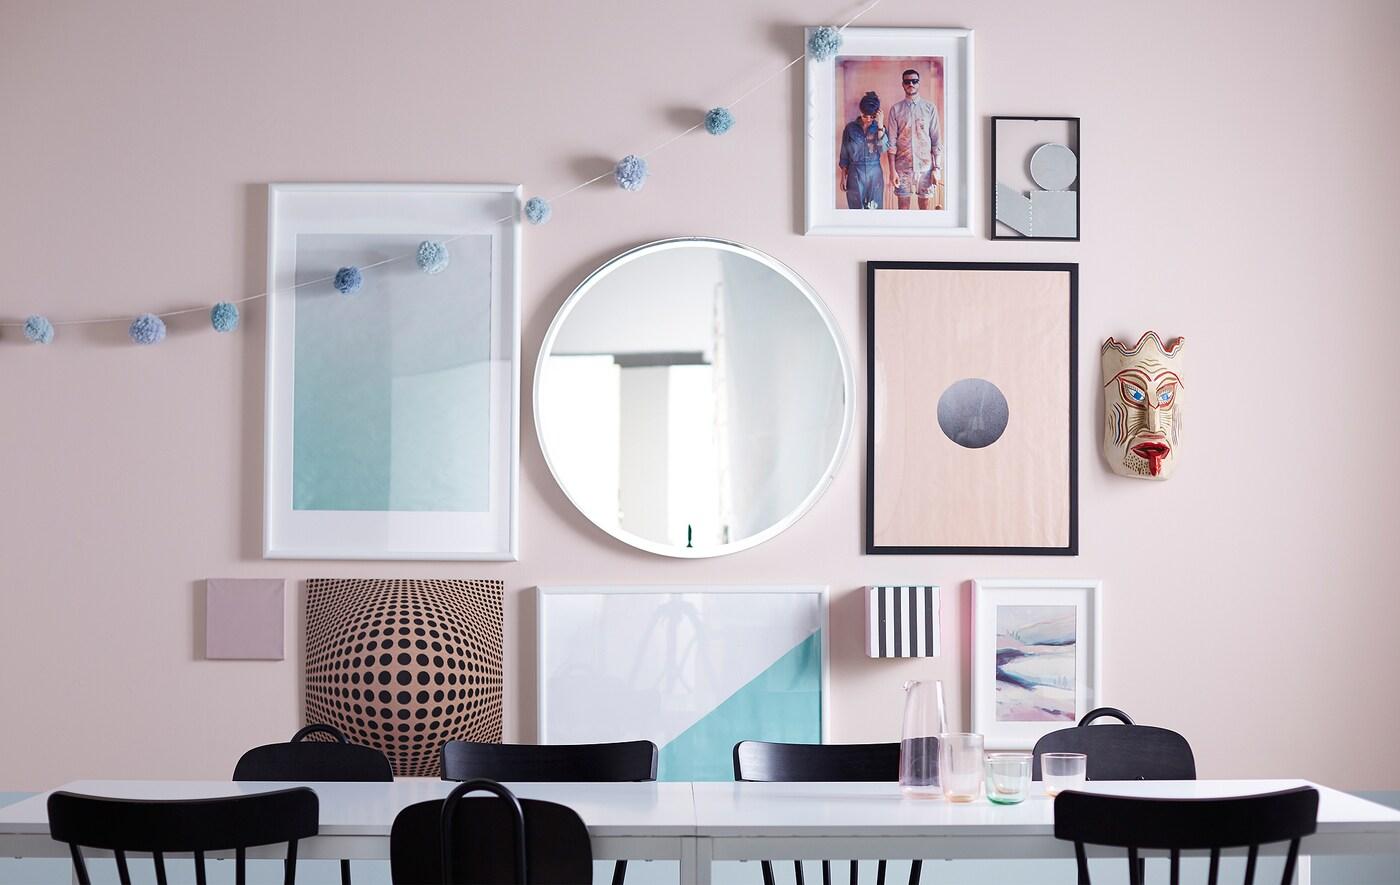 Galerie murale avec cadres de différentes tailles, miroir et objets personnels.